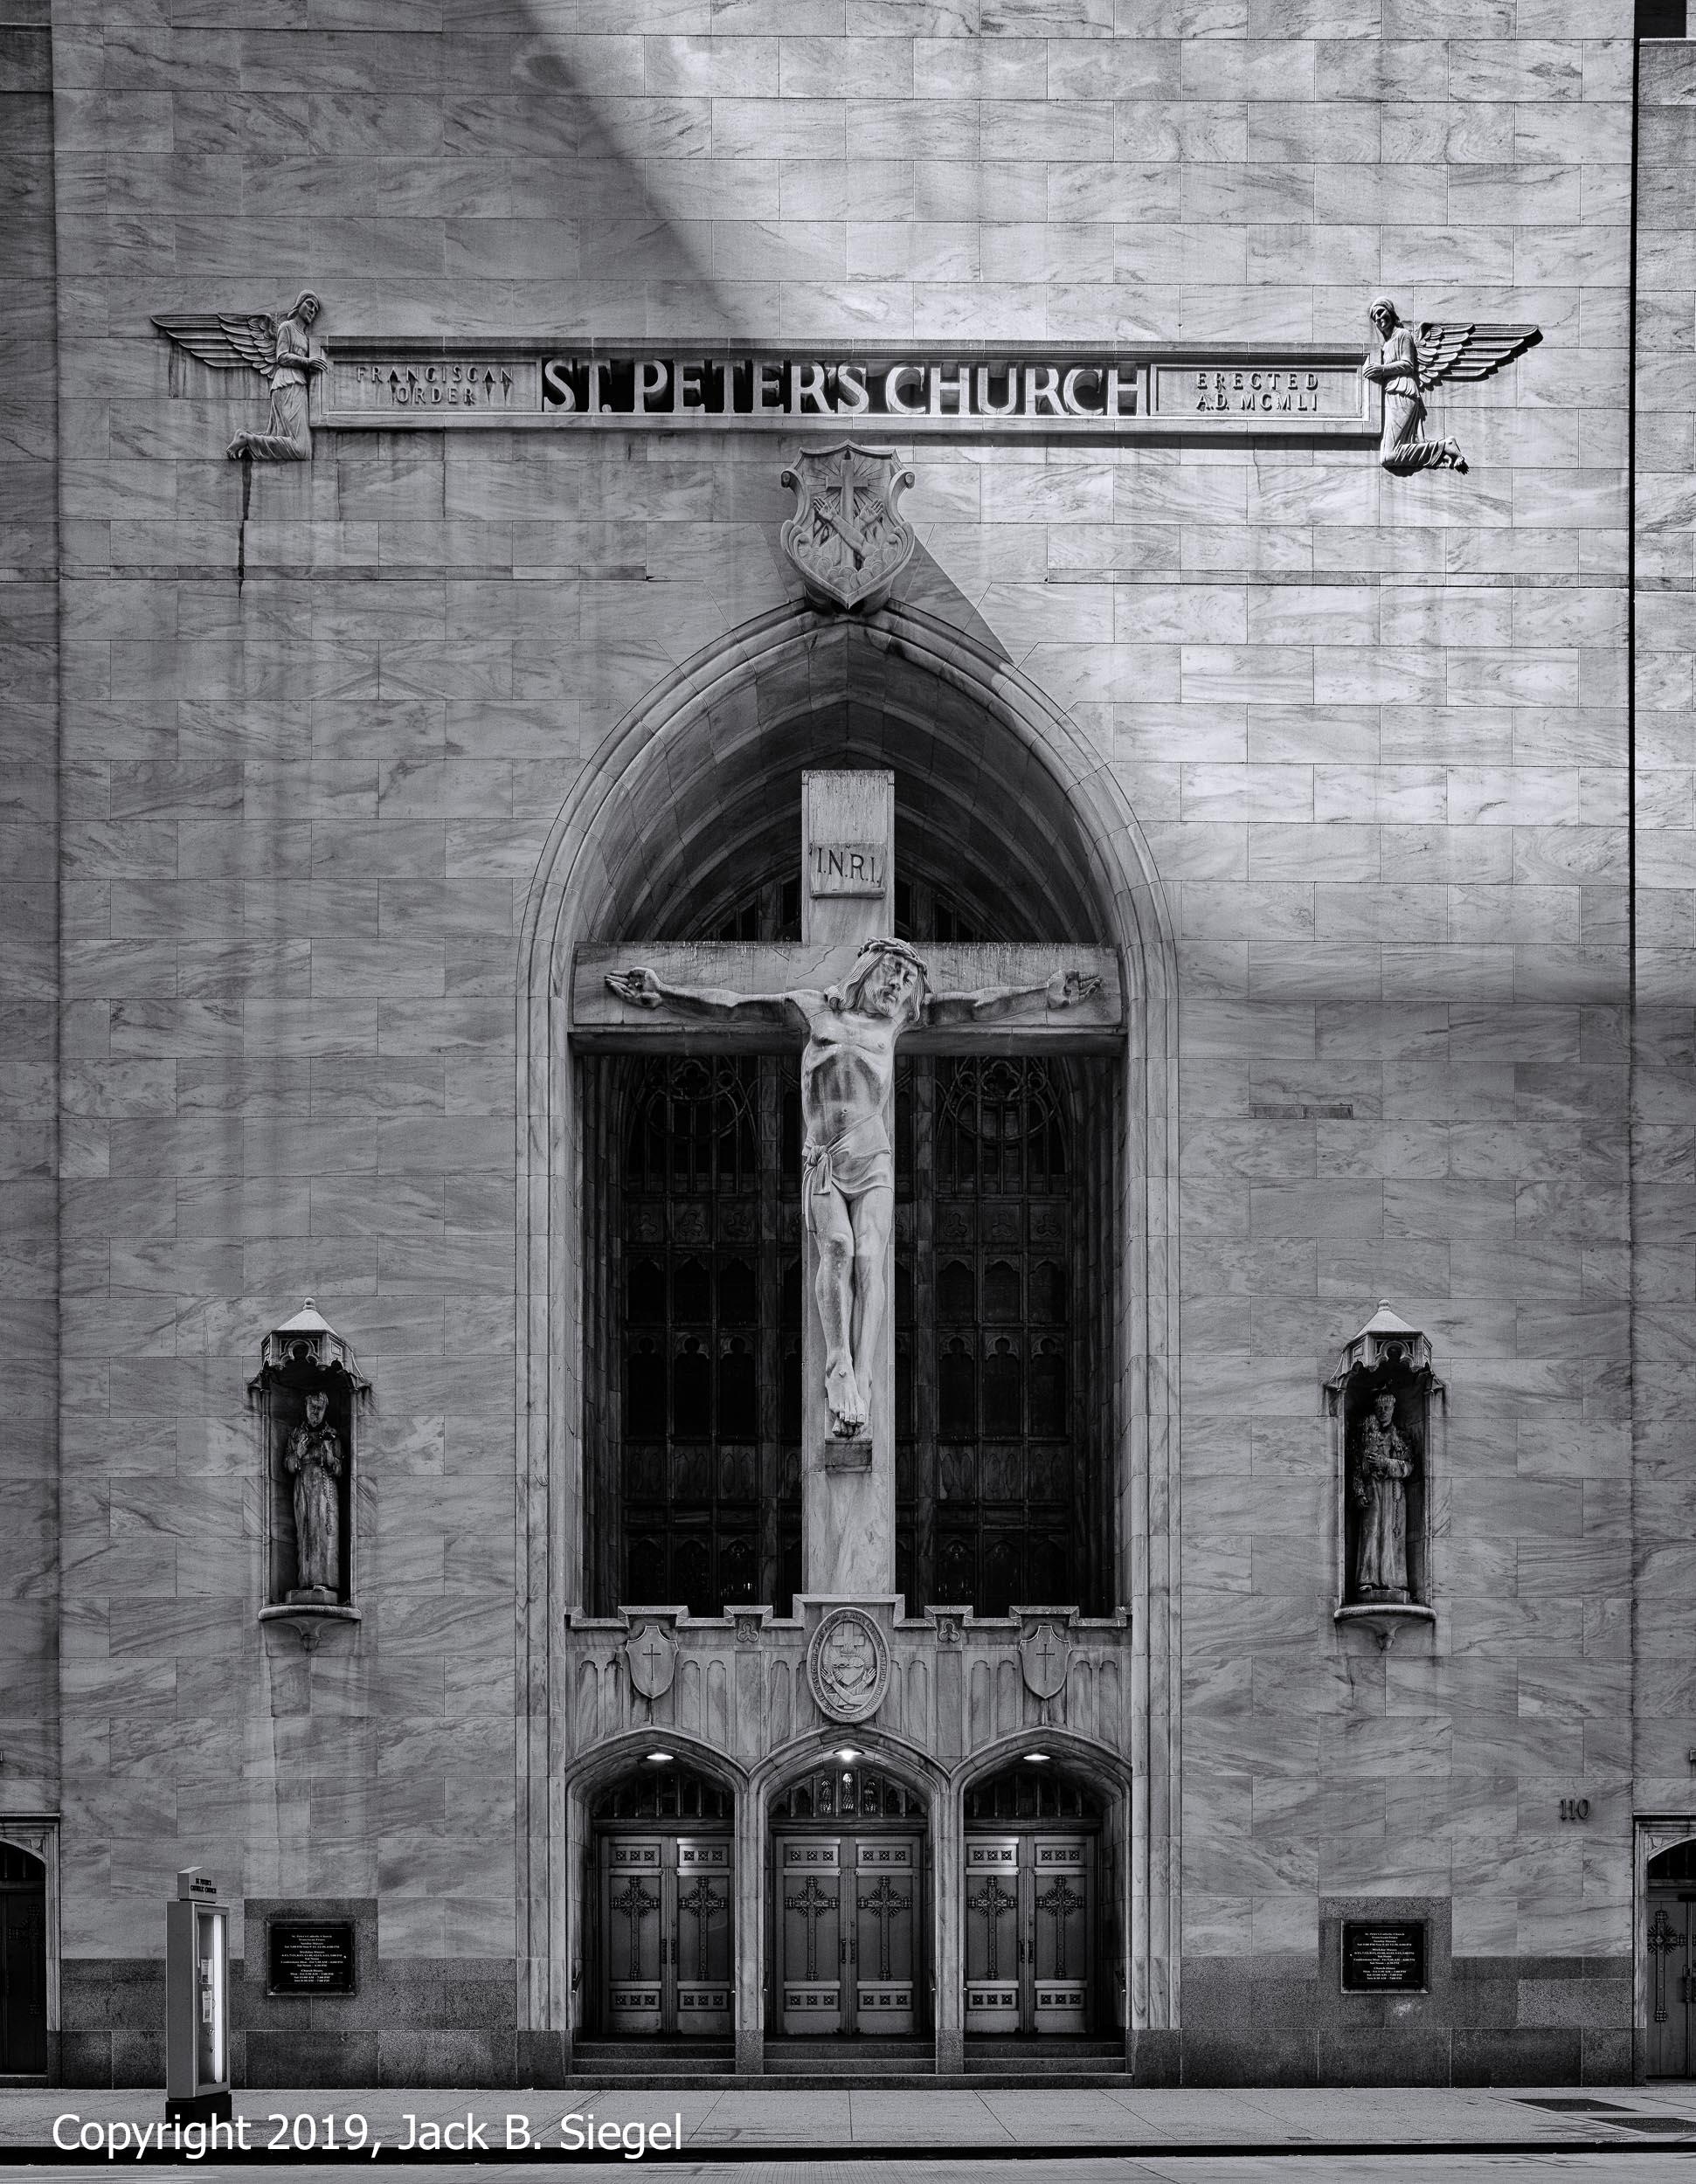 St. Paul's in Chicago's Loop